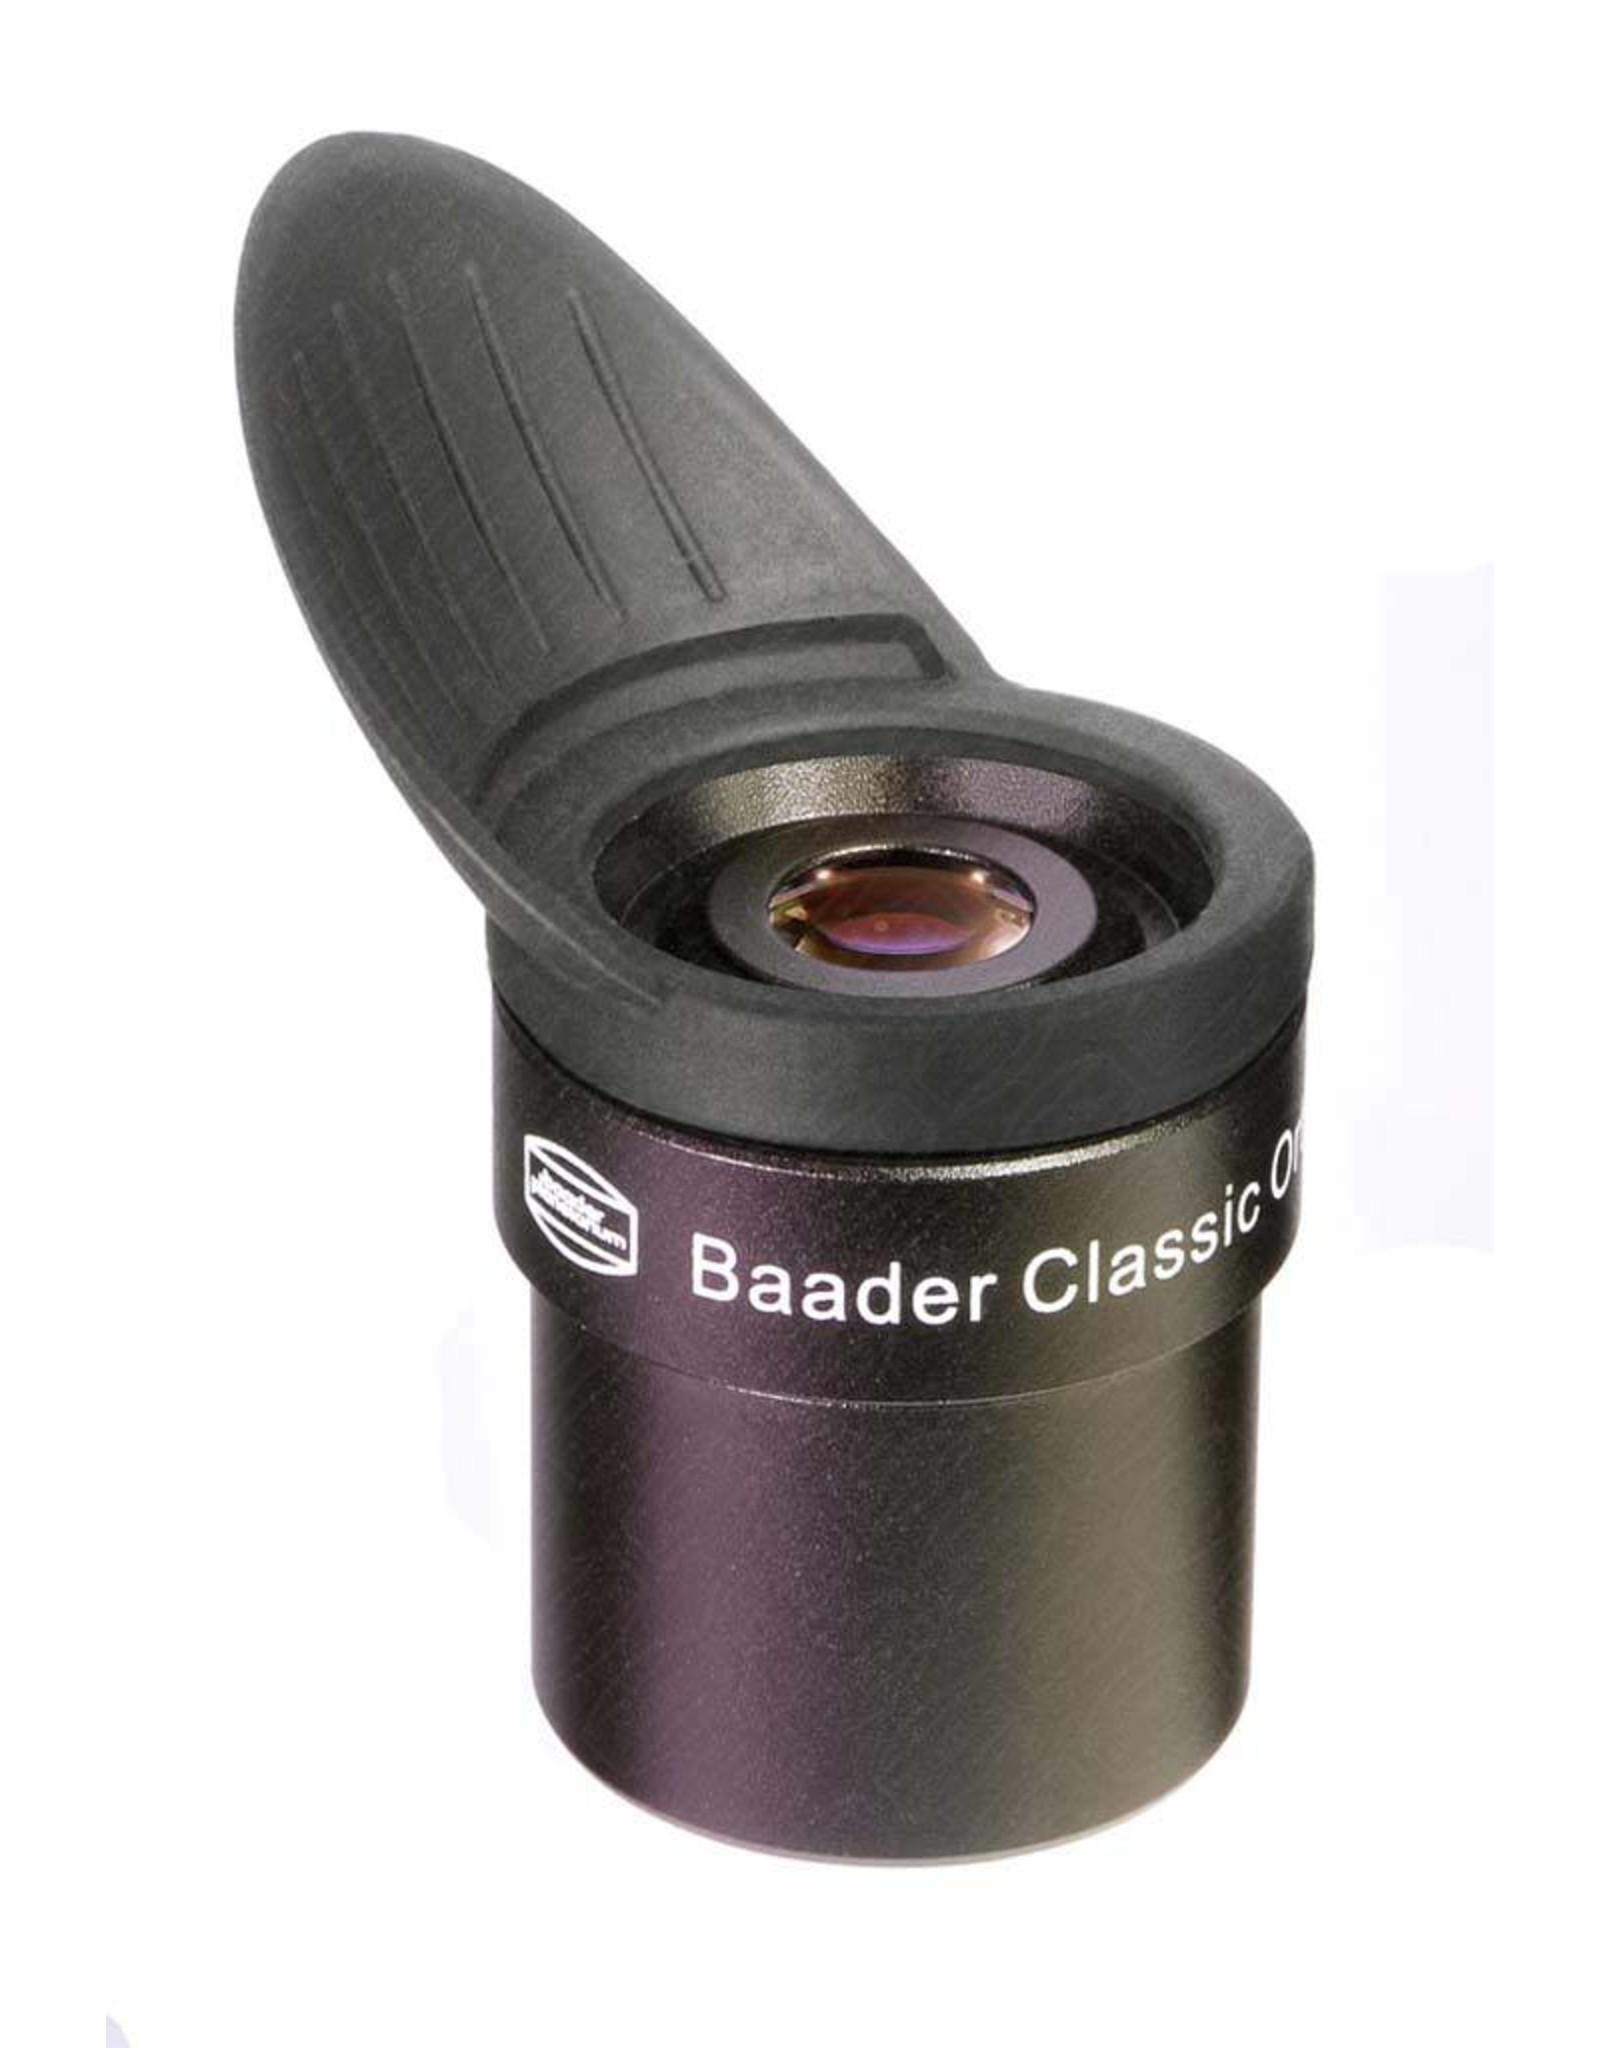 Baader Planetarium Baader Classic Ortho Eyepiece 10mm